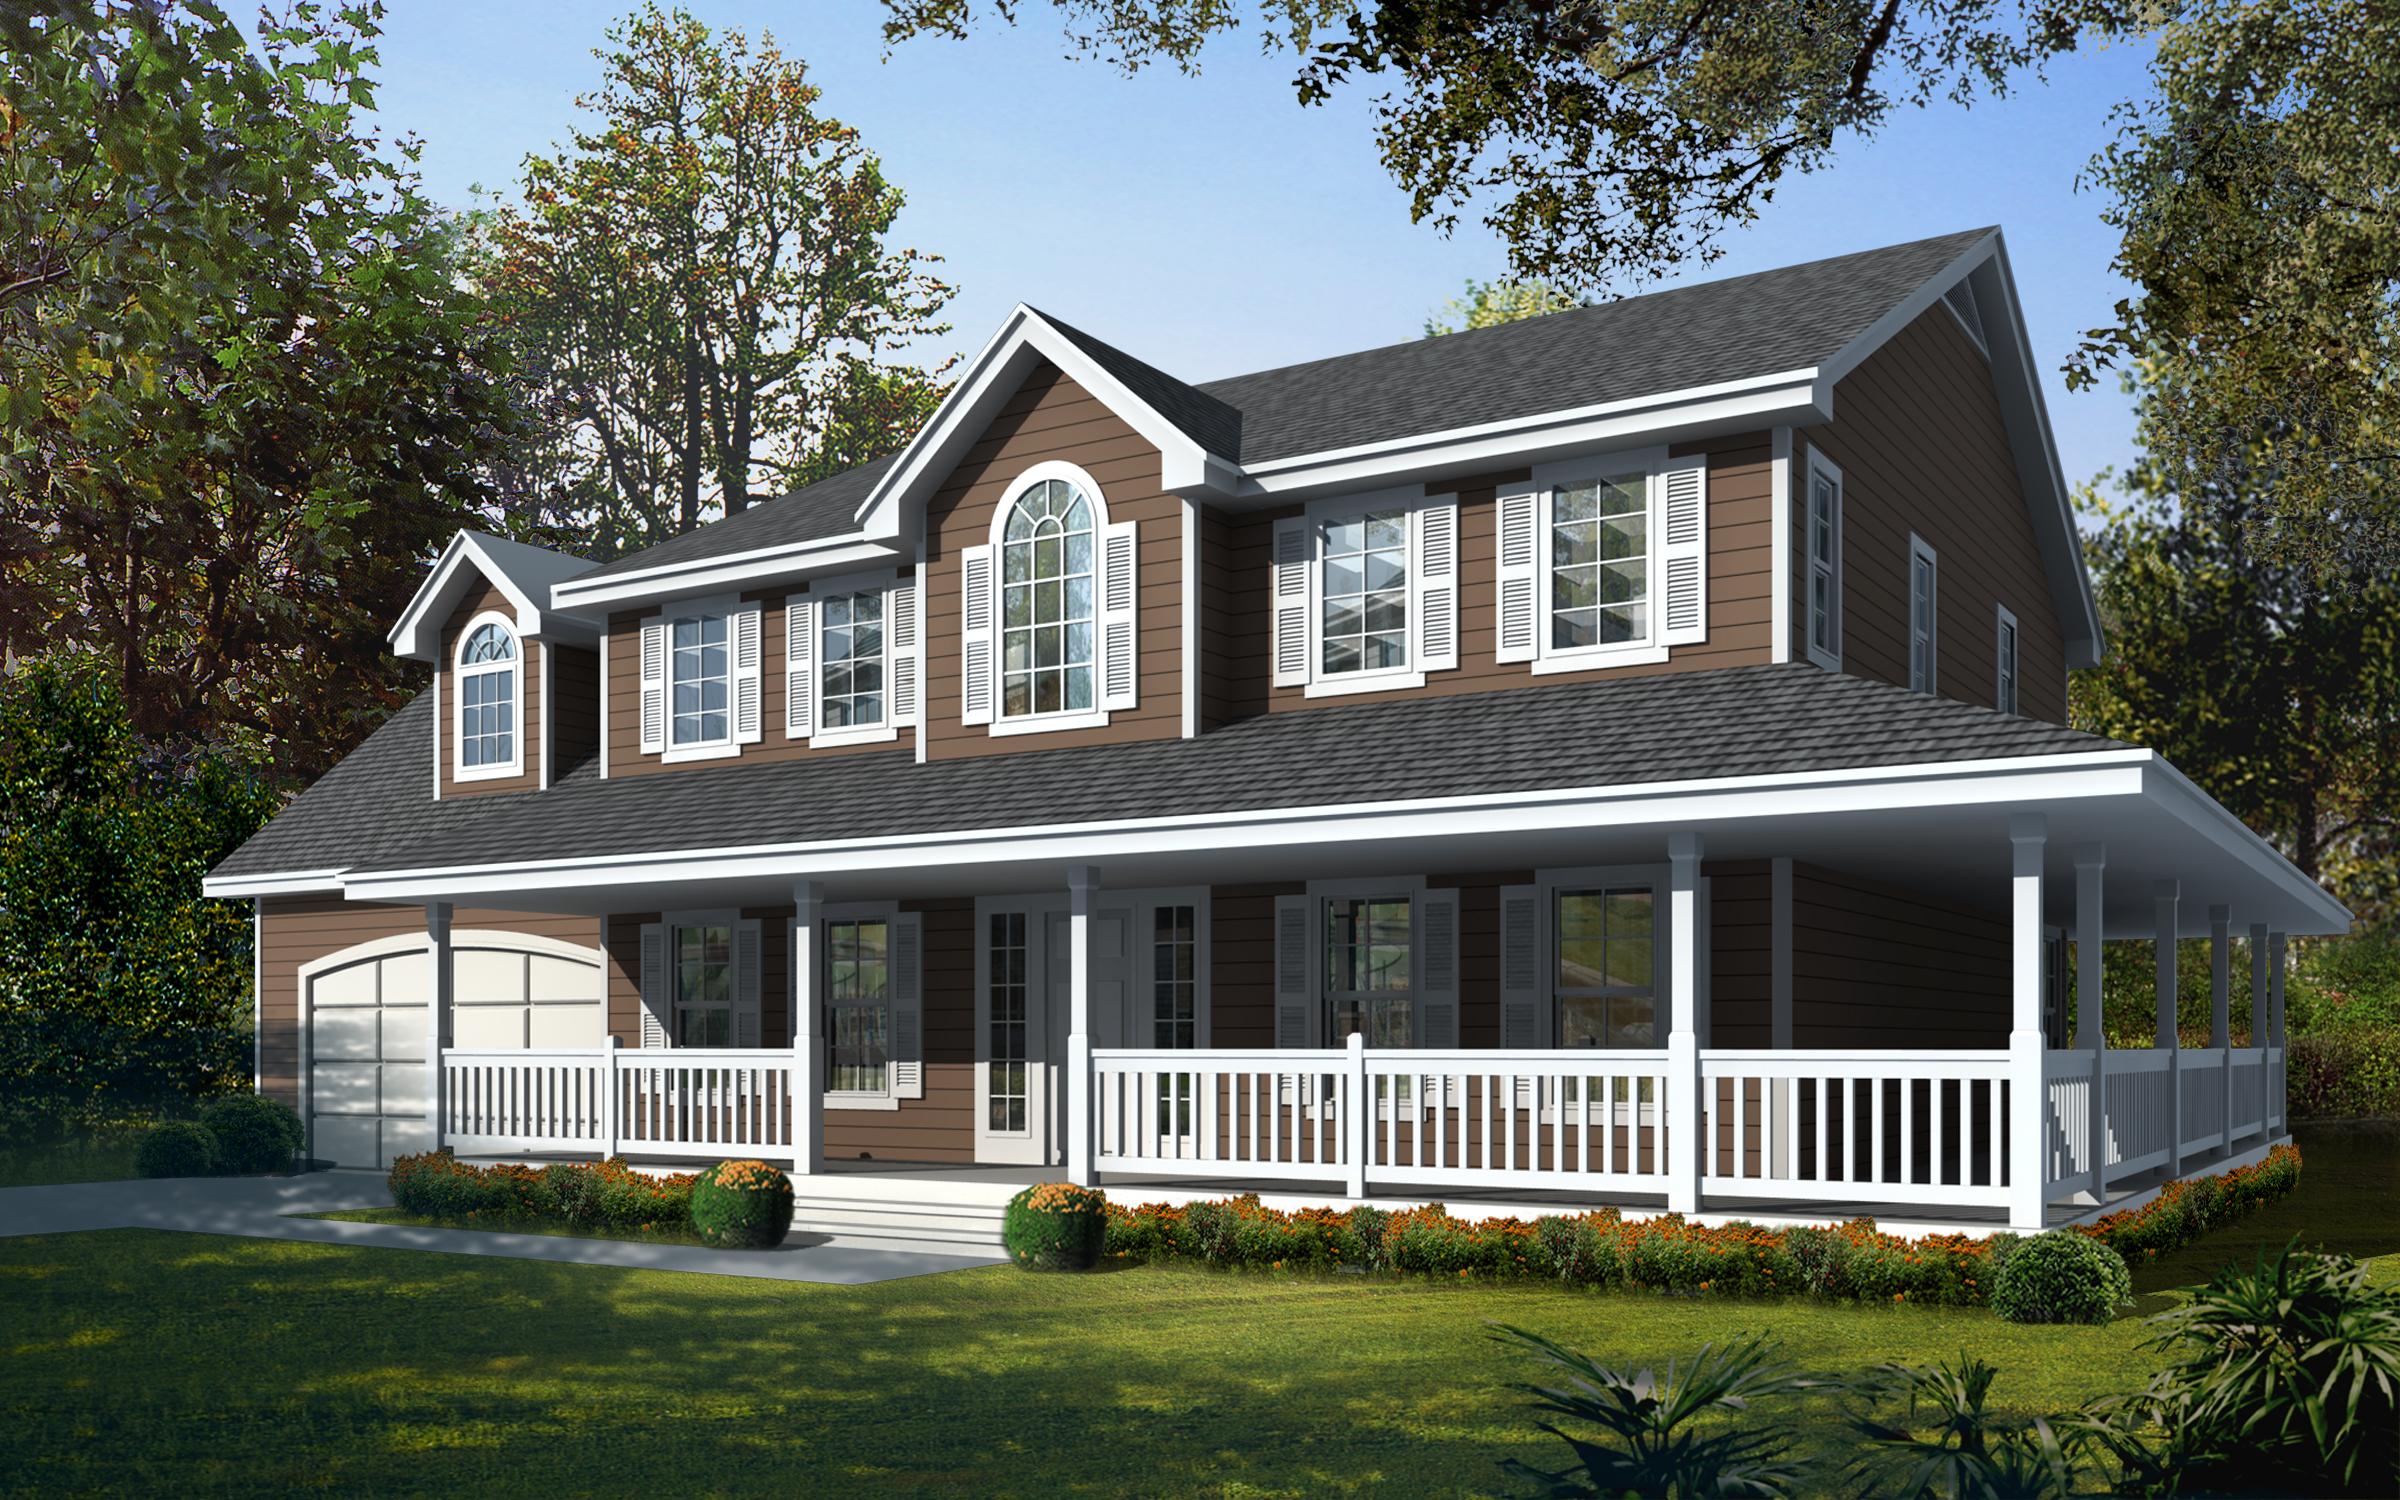 Wrap Around Porch 14049dt Architectural Designs